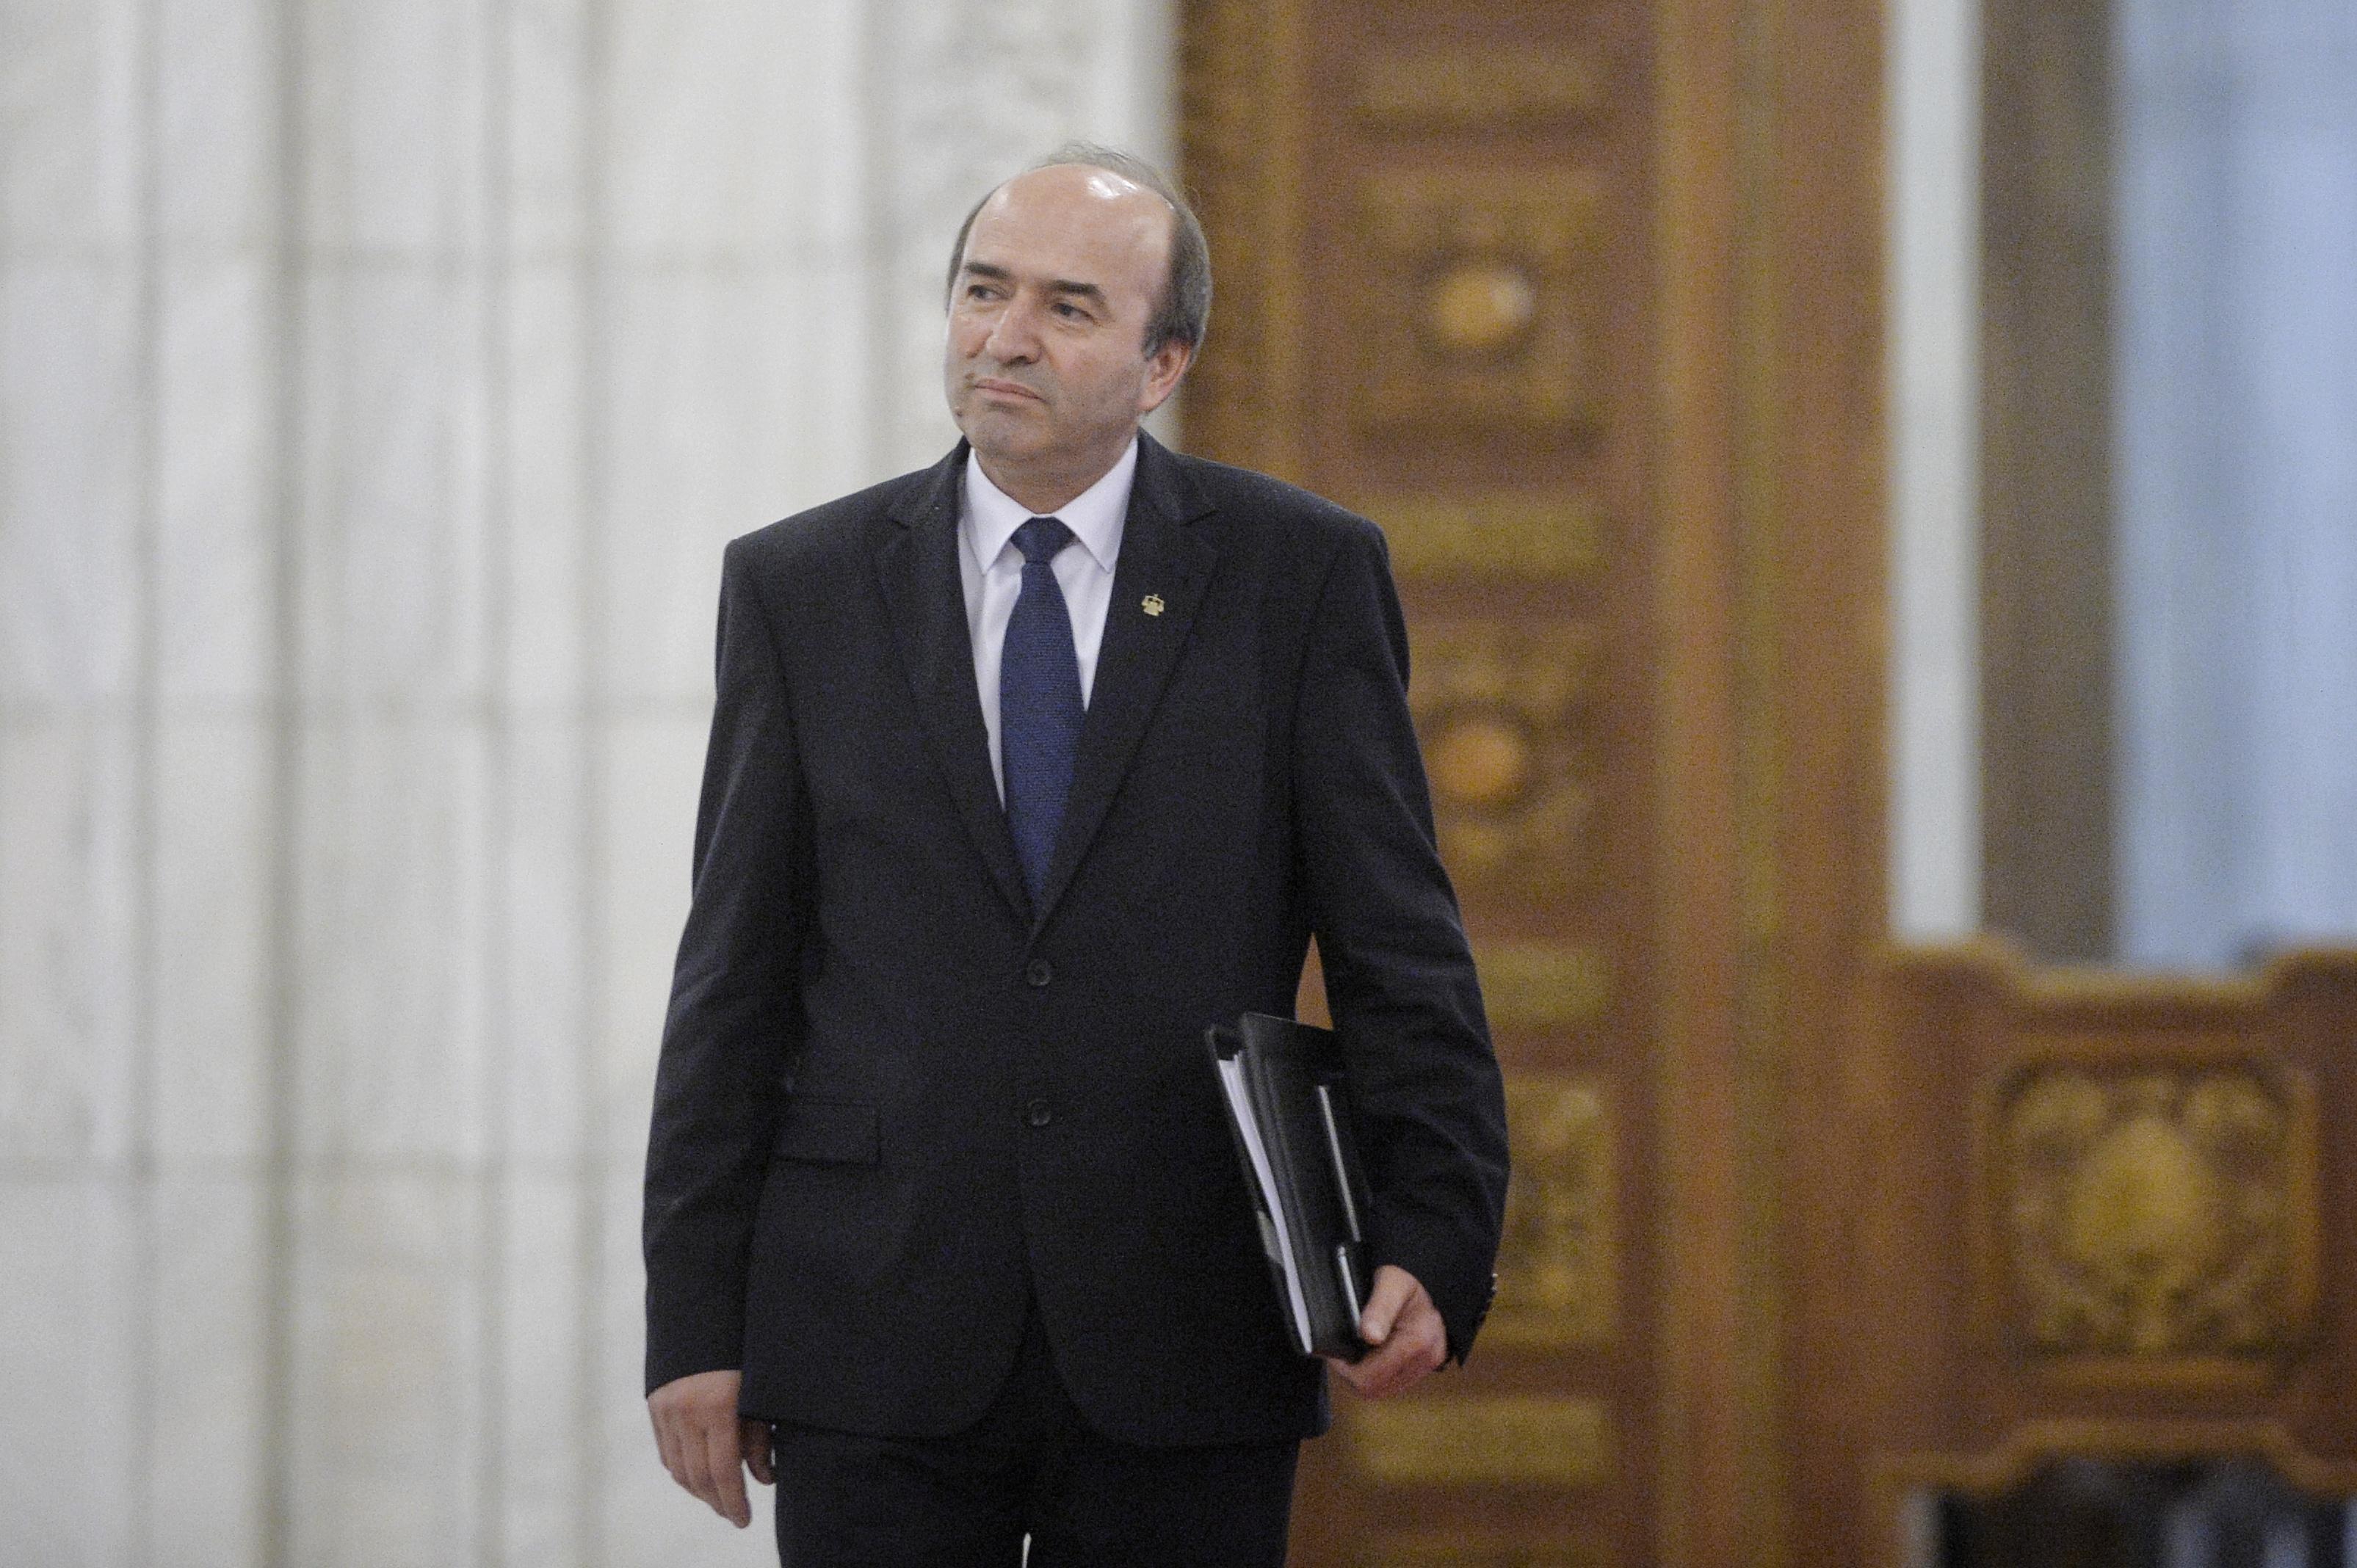 Ministrul Justiţiei, Tudorel Toader, despre demisia din Guvern: Obiectivele din raportul de evaluare sunt pe patru ani, nu pe patru luni. Eu sunt ministru independent